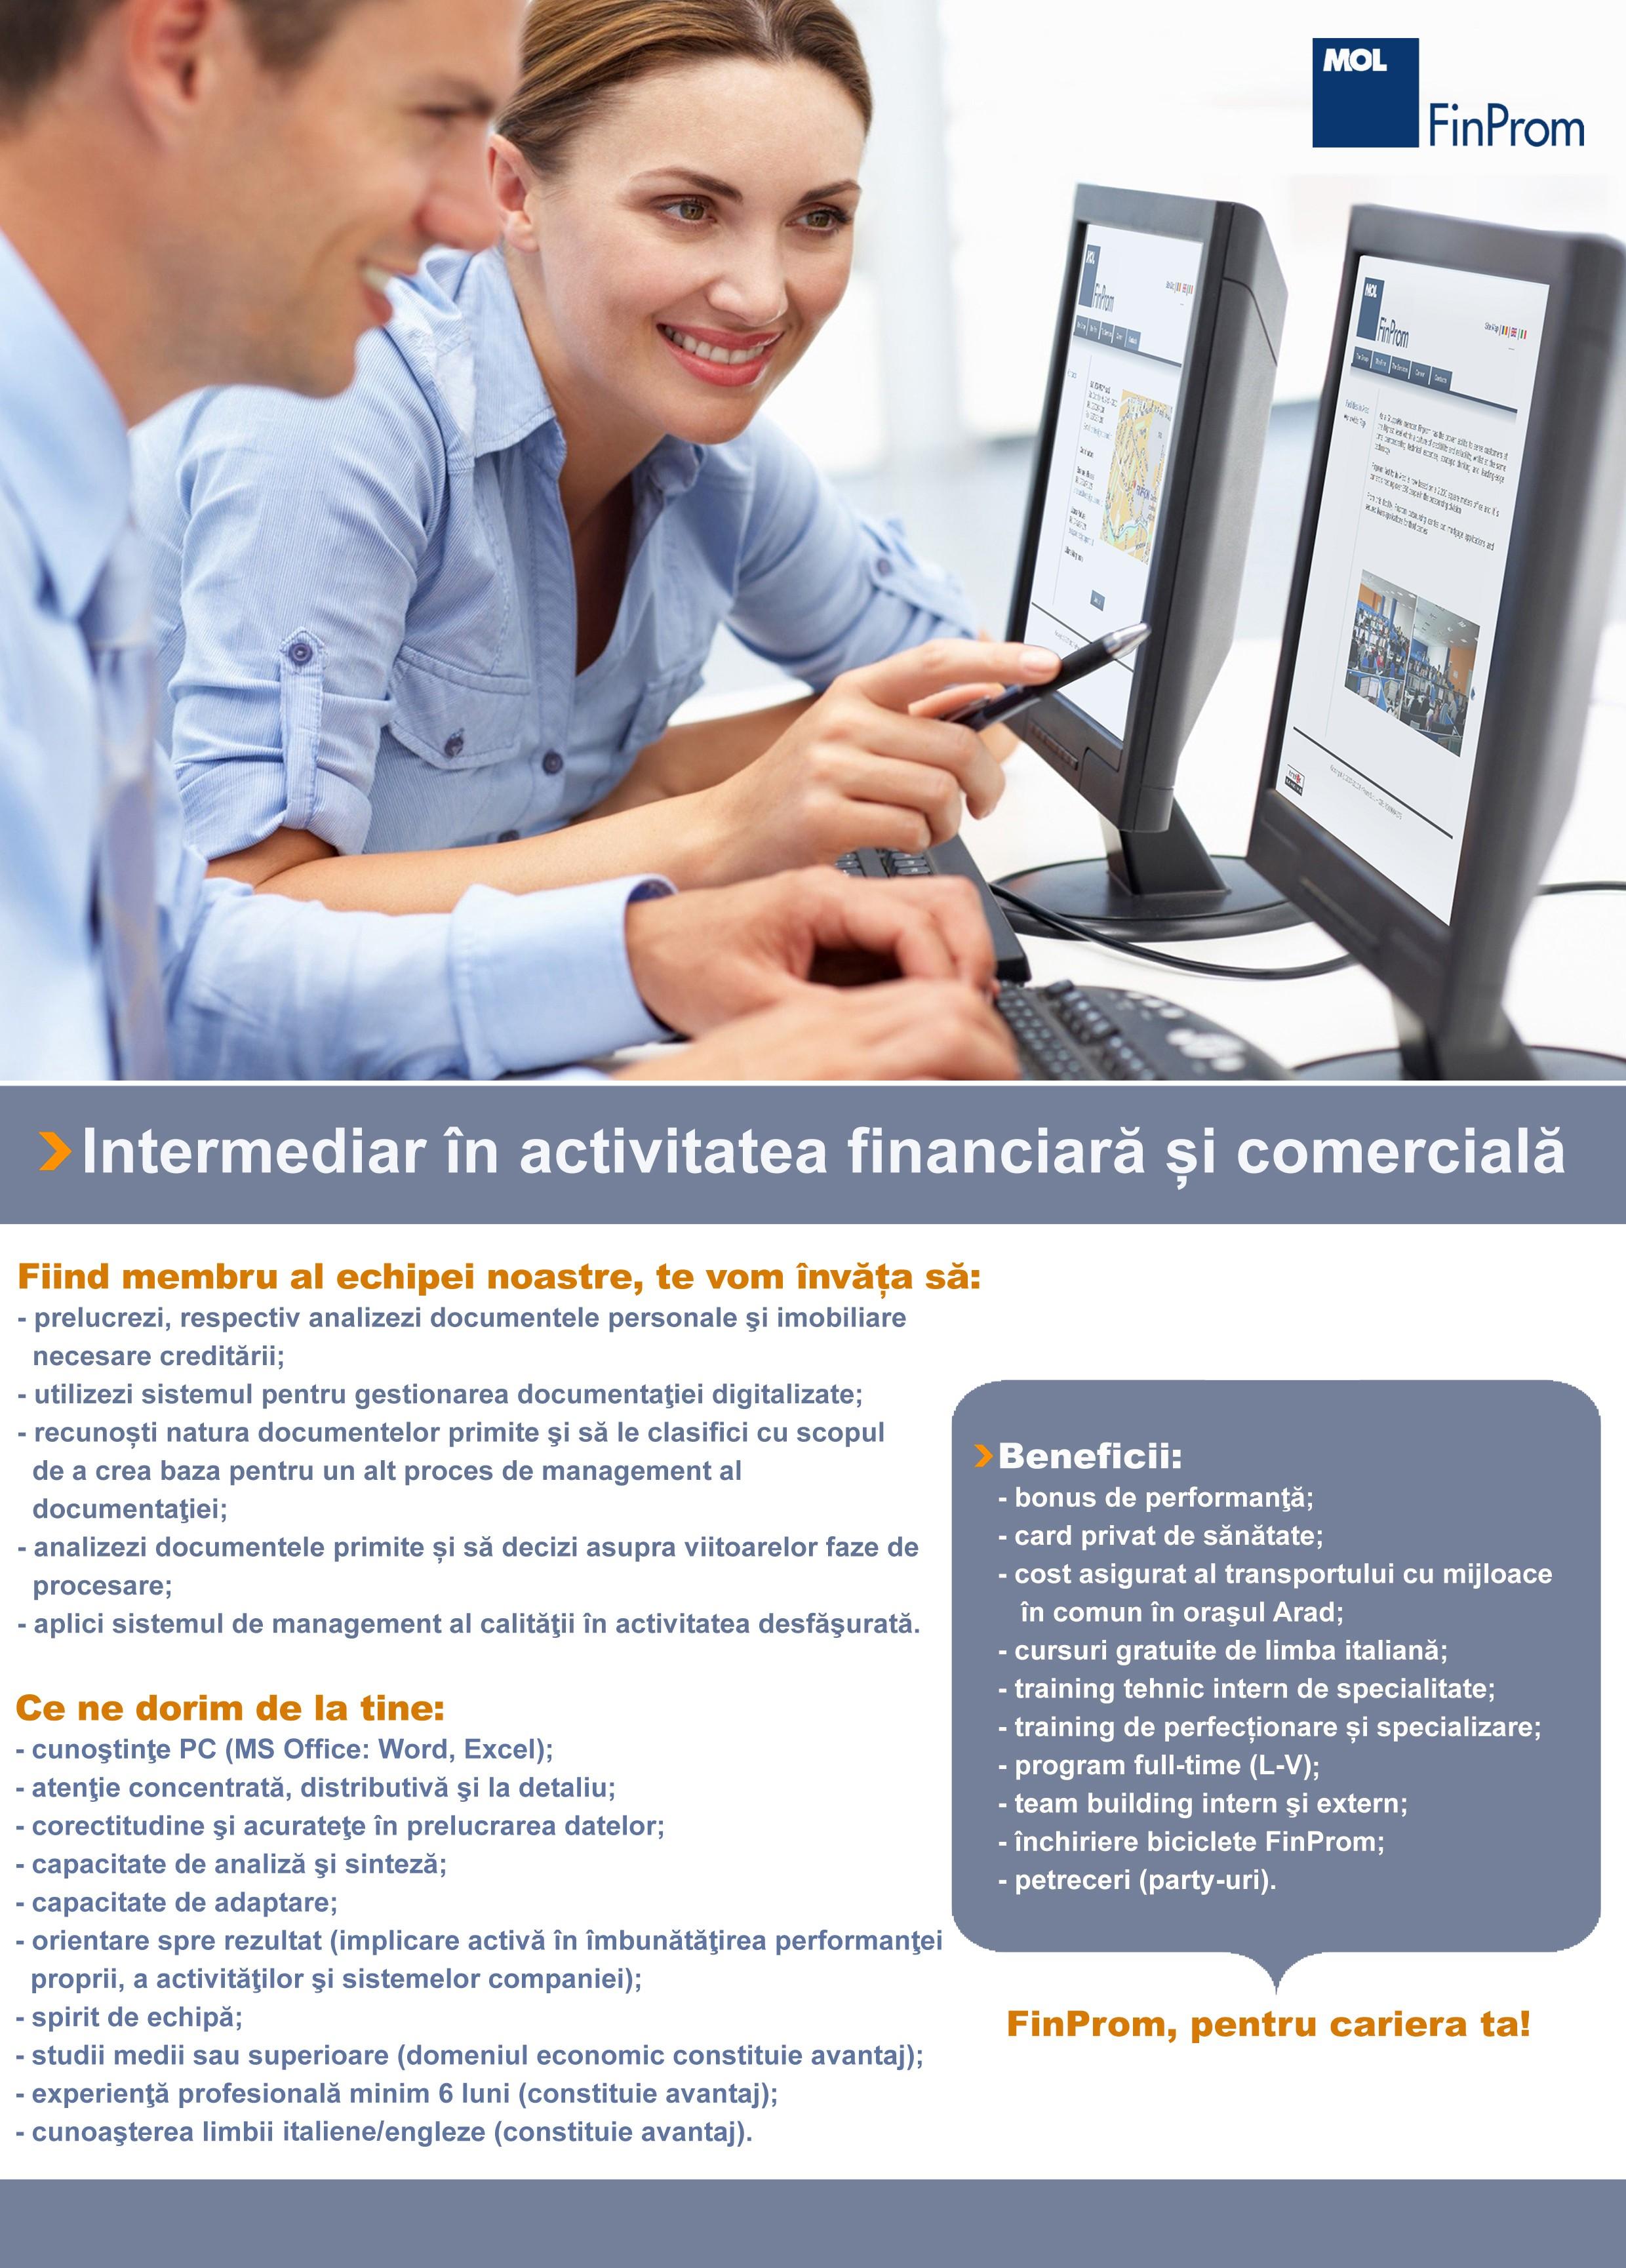 Intermediar in activitatea financiara_ Nou